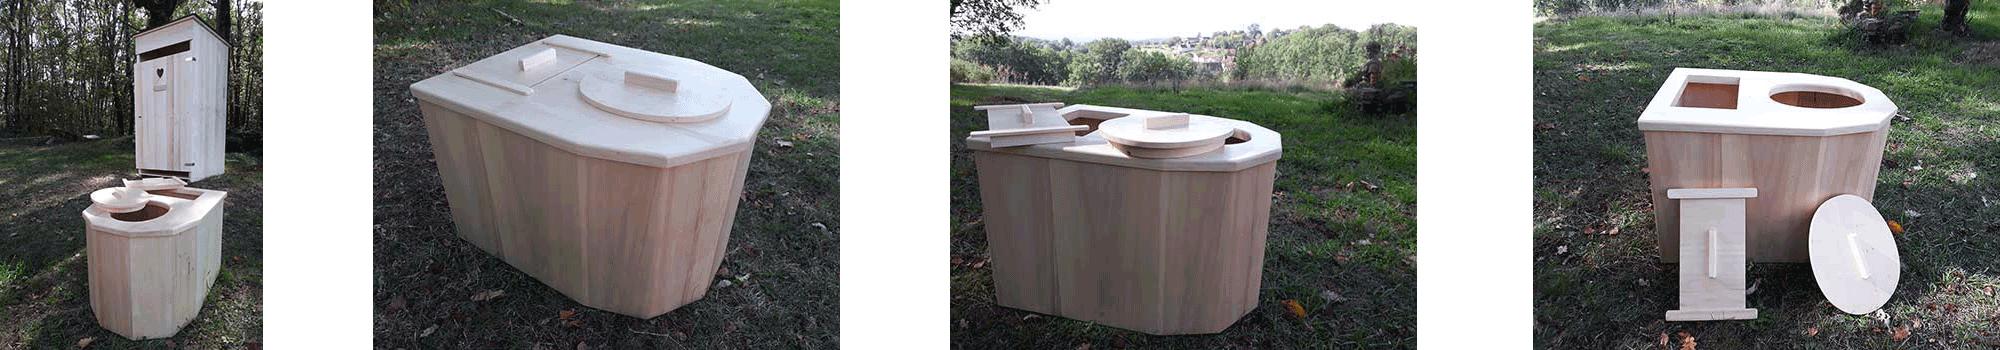 Les toilettes sèches d'interieur modernes